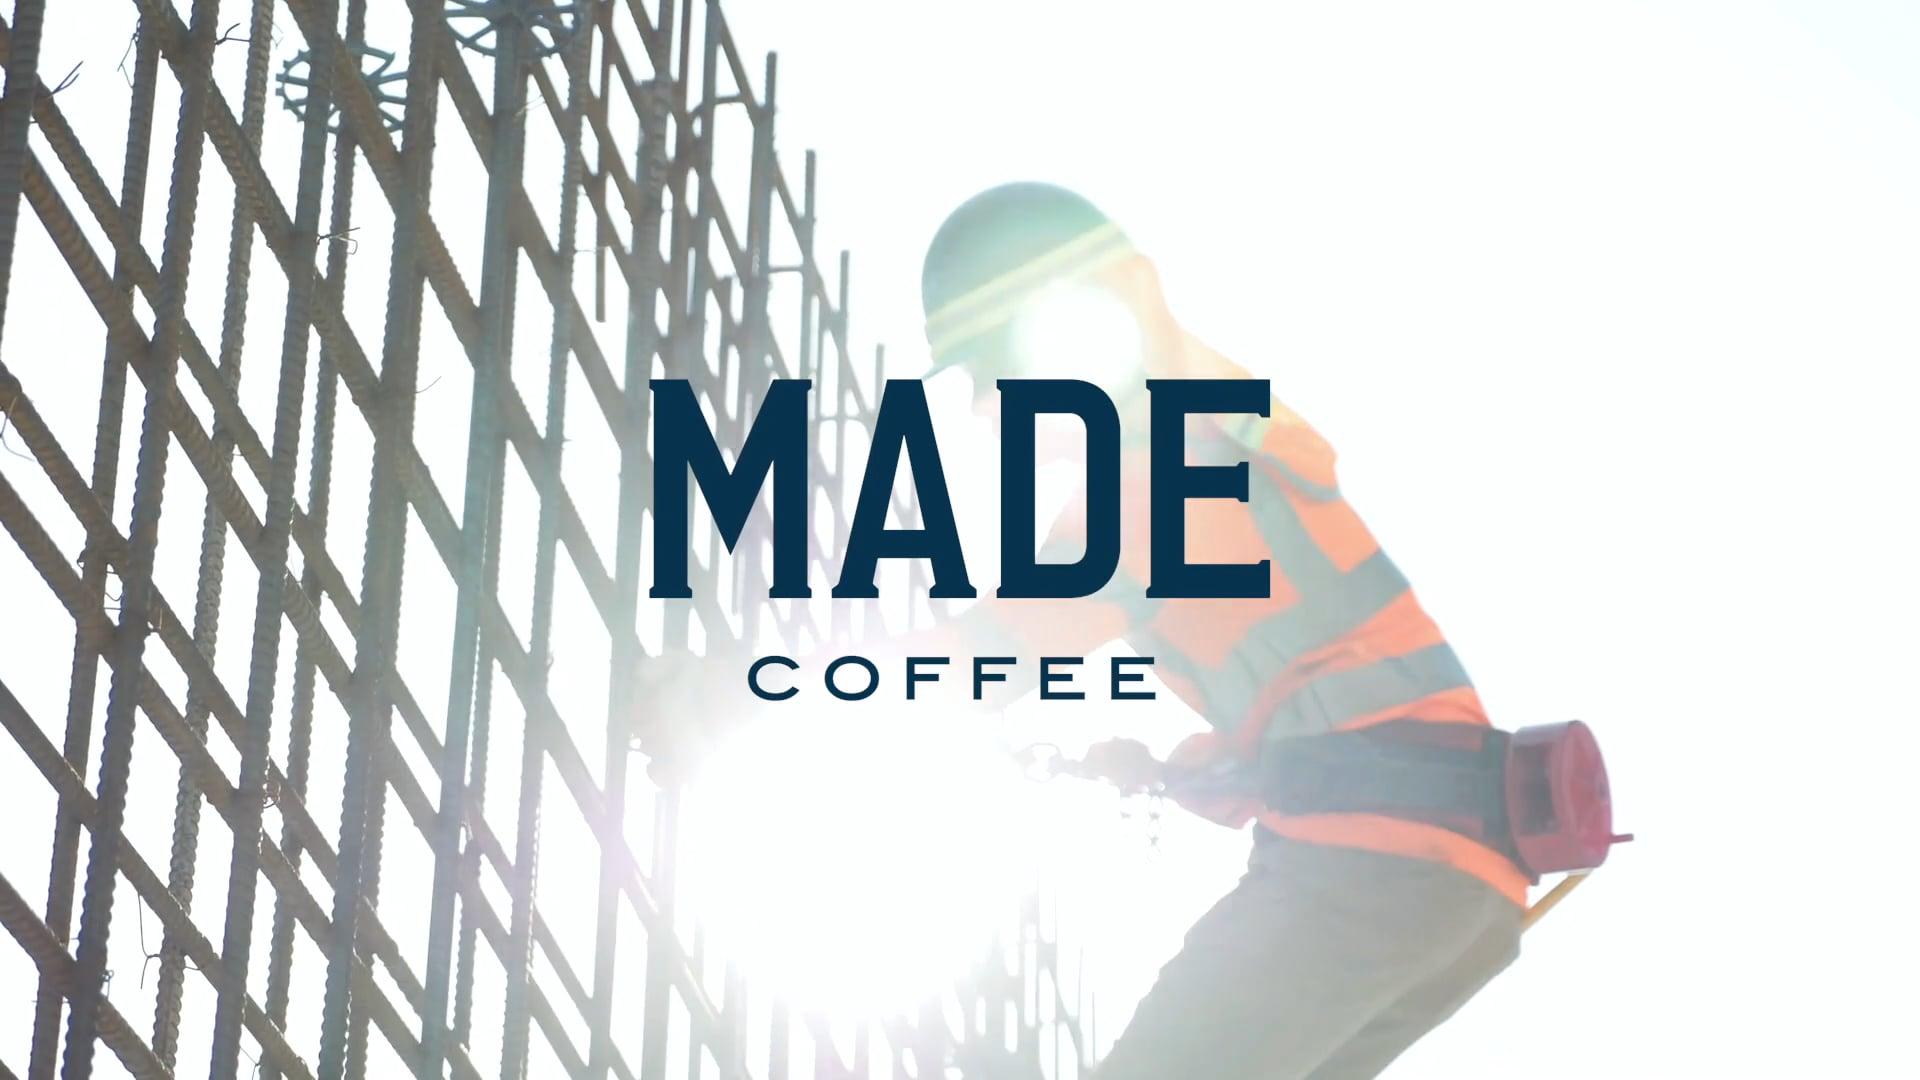 MADE Coffee: Self Made